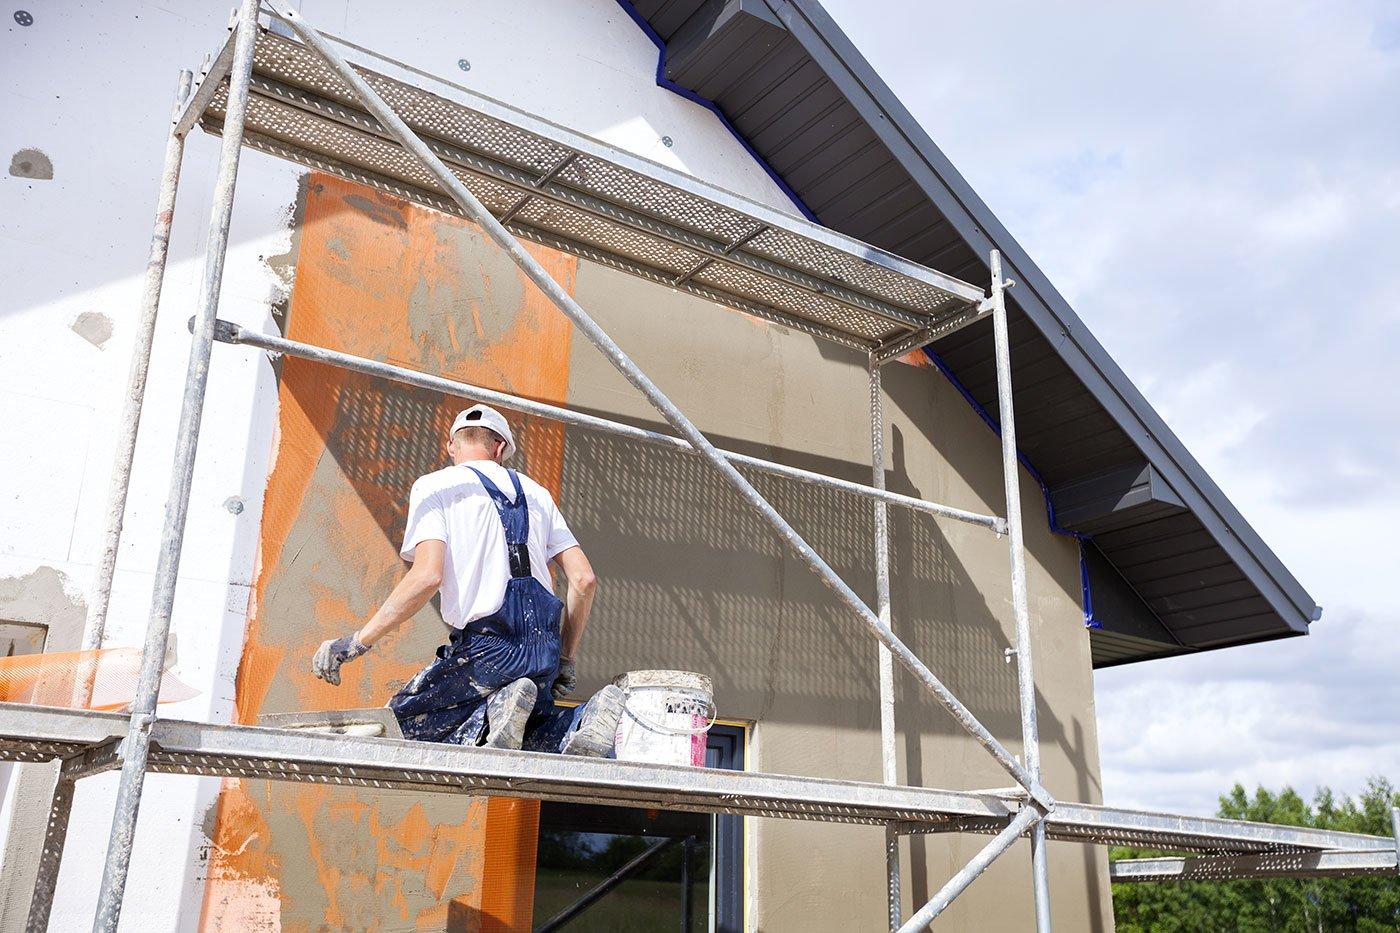 un imbianchino chinato a terra su un impalcatura in ferro di fronte a un muro arancione e grigio